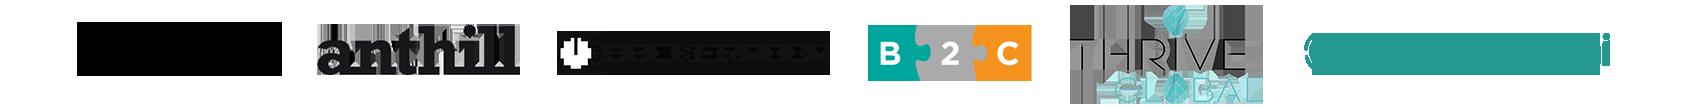 Clients logo strip 1 - ChatBots